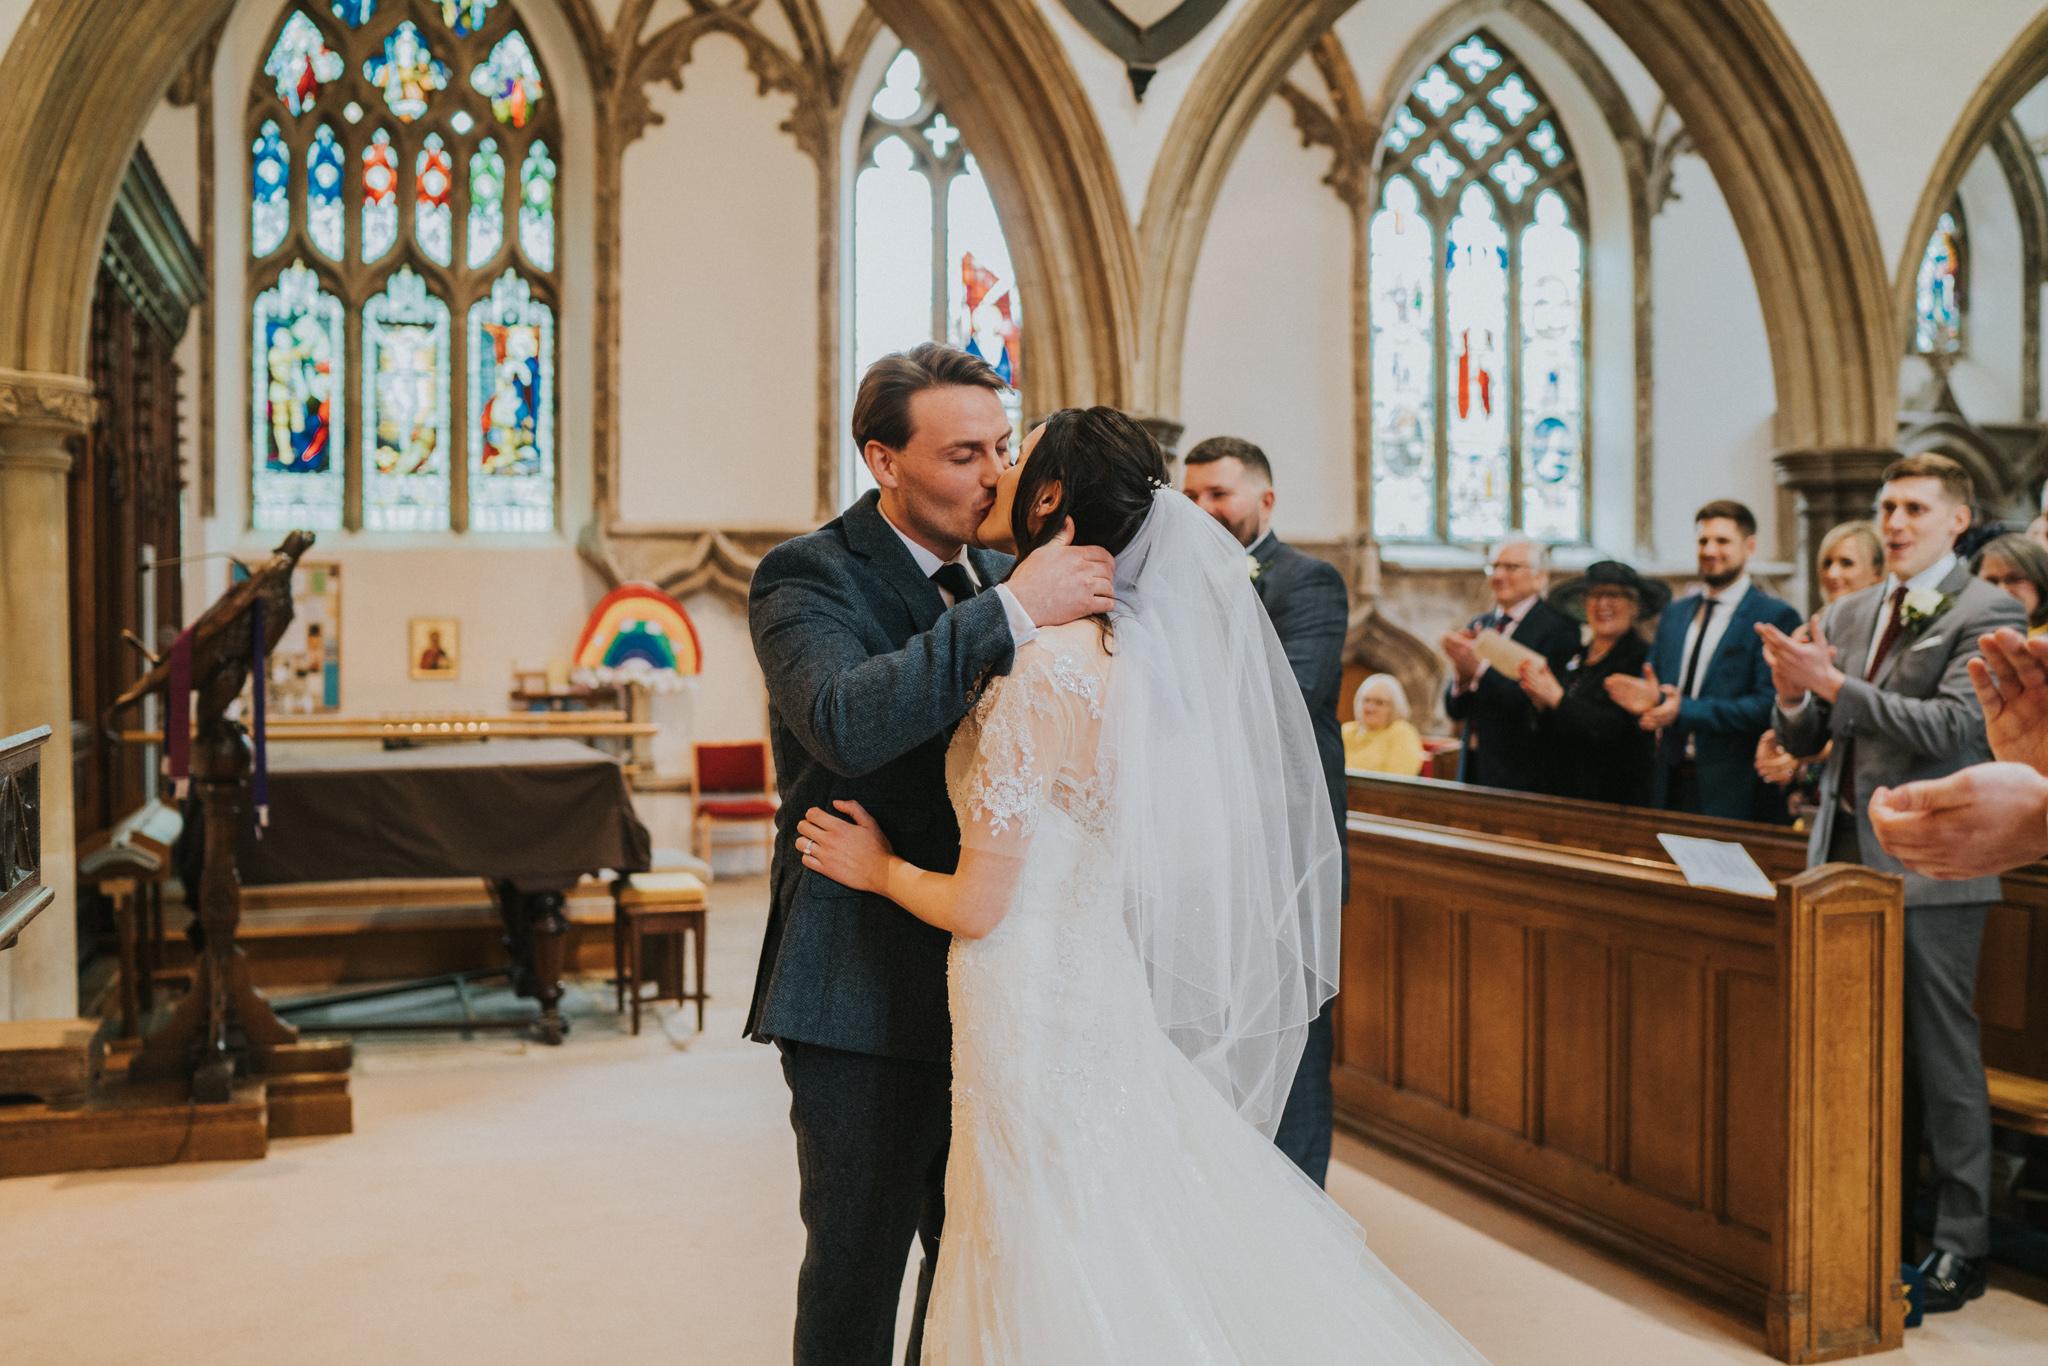 anne-charlie-maldon-all-saints-church-wedding-intimate-wedding-grace-elizabeth-colchester-essex-alternative-wedding-lifestyle-photographer-colchester-essex-suffolk-norfolk-devon (8 of 17).jpg